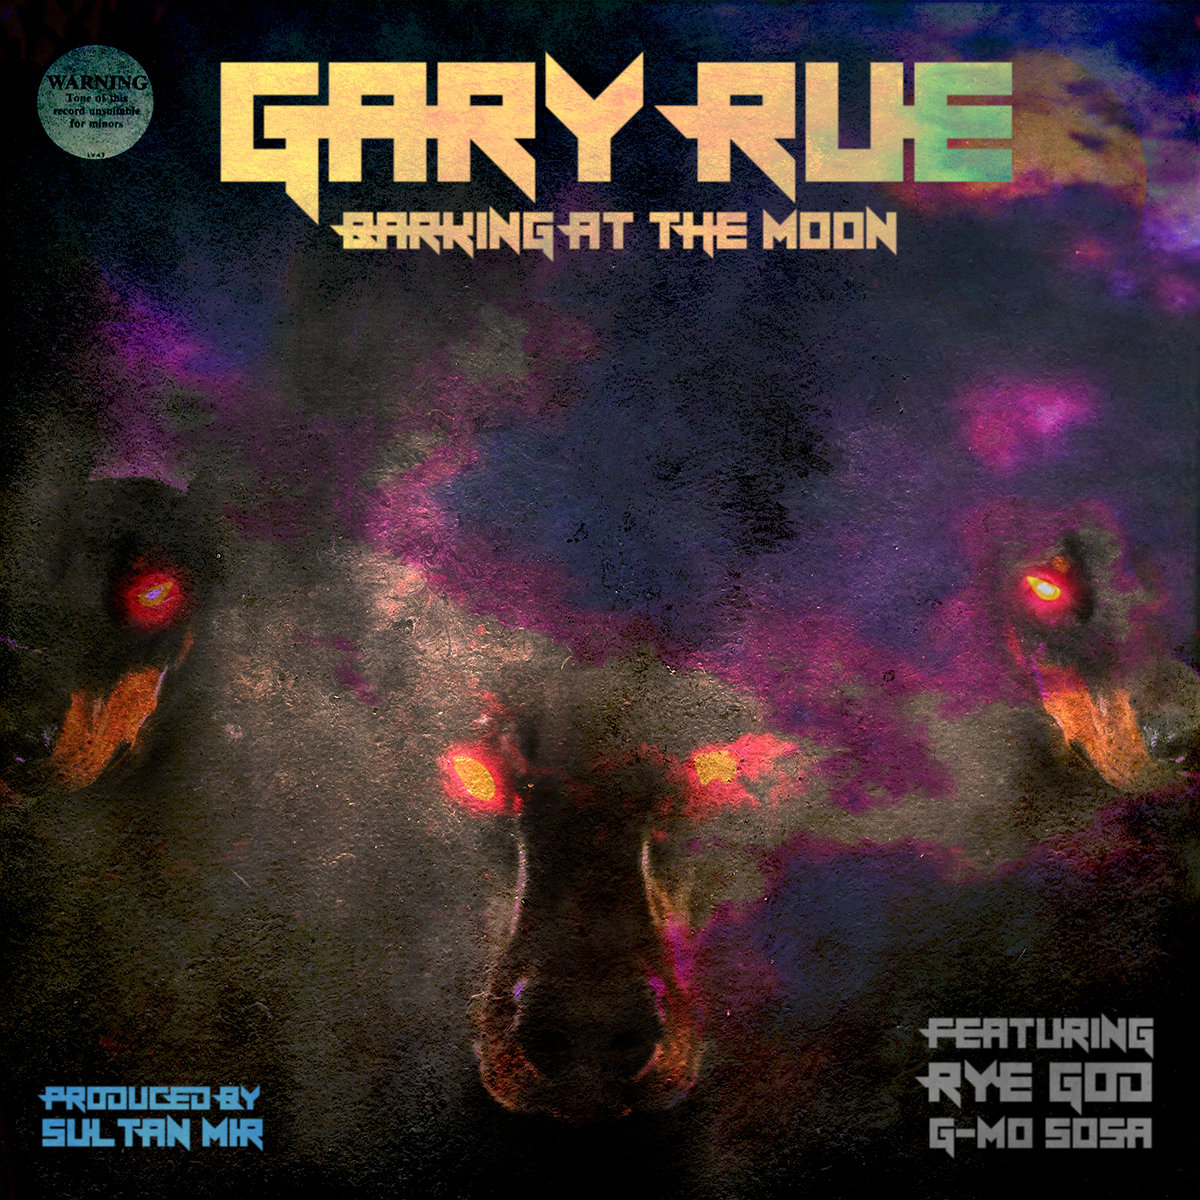 Gary Rue